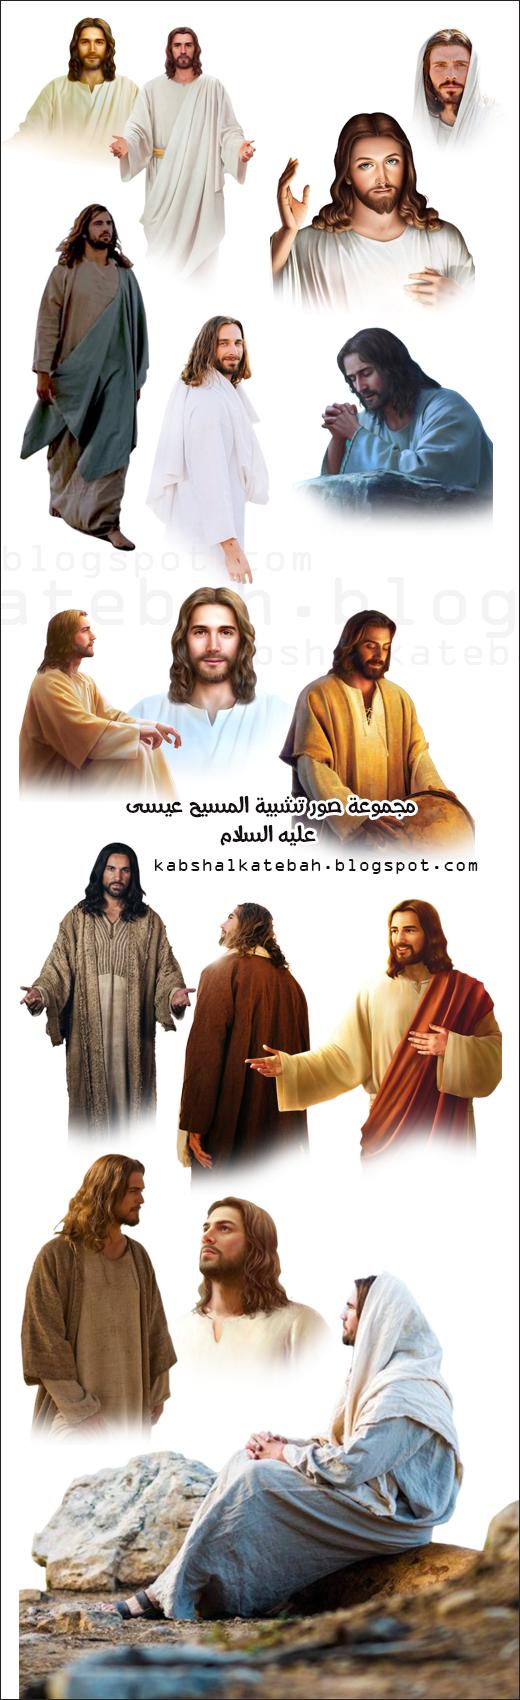 مجموعة صور تشبية المسيح عليه السلام P_2032ia5at1